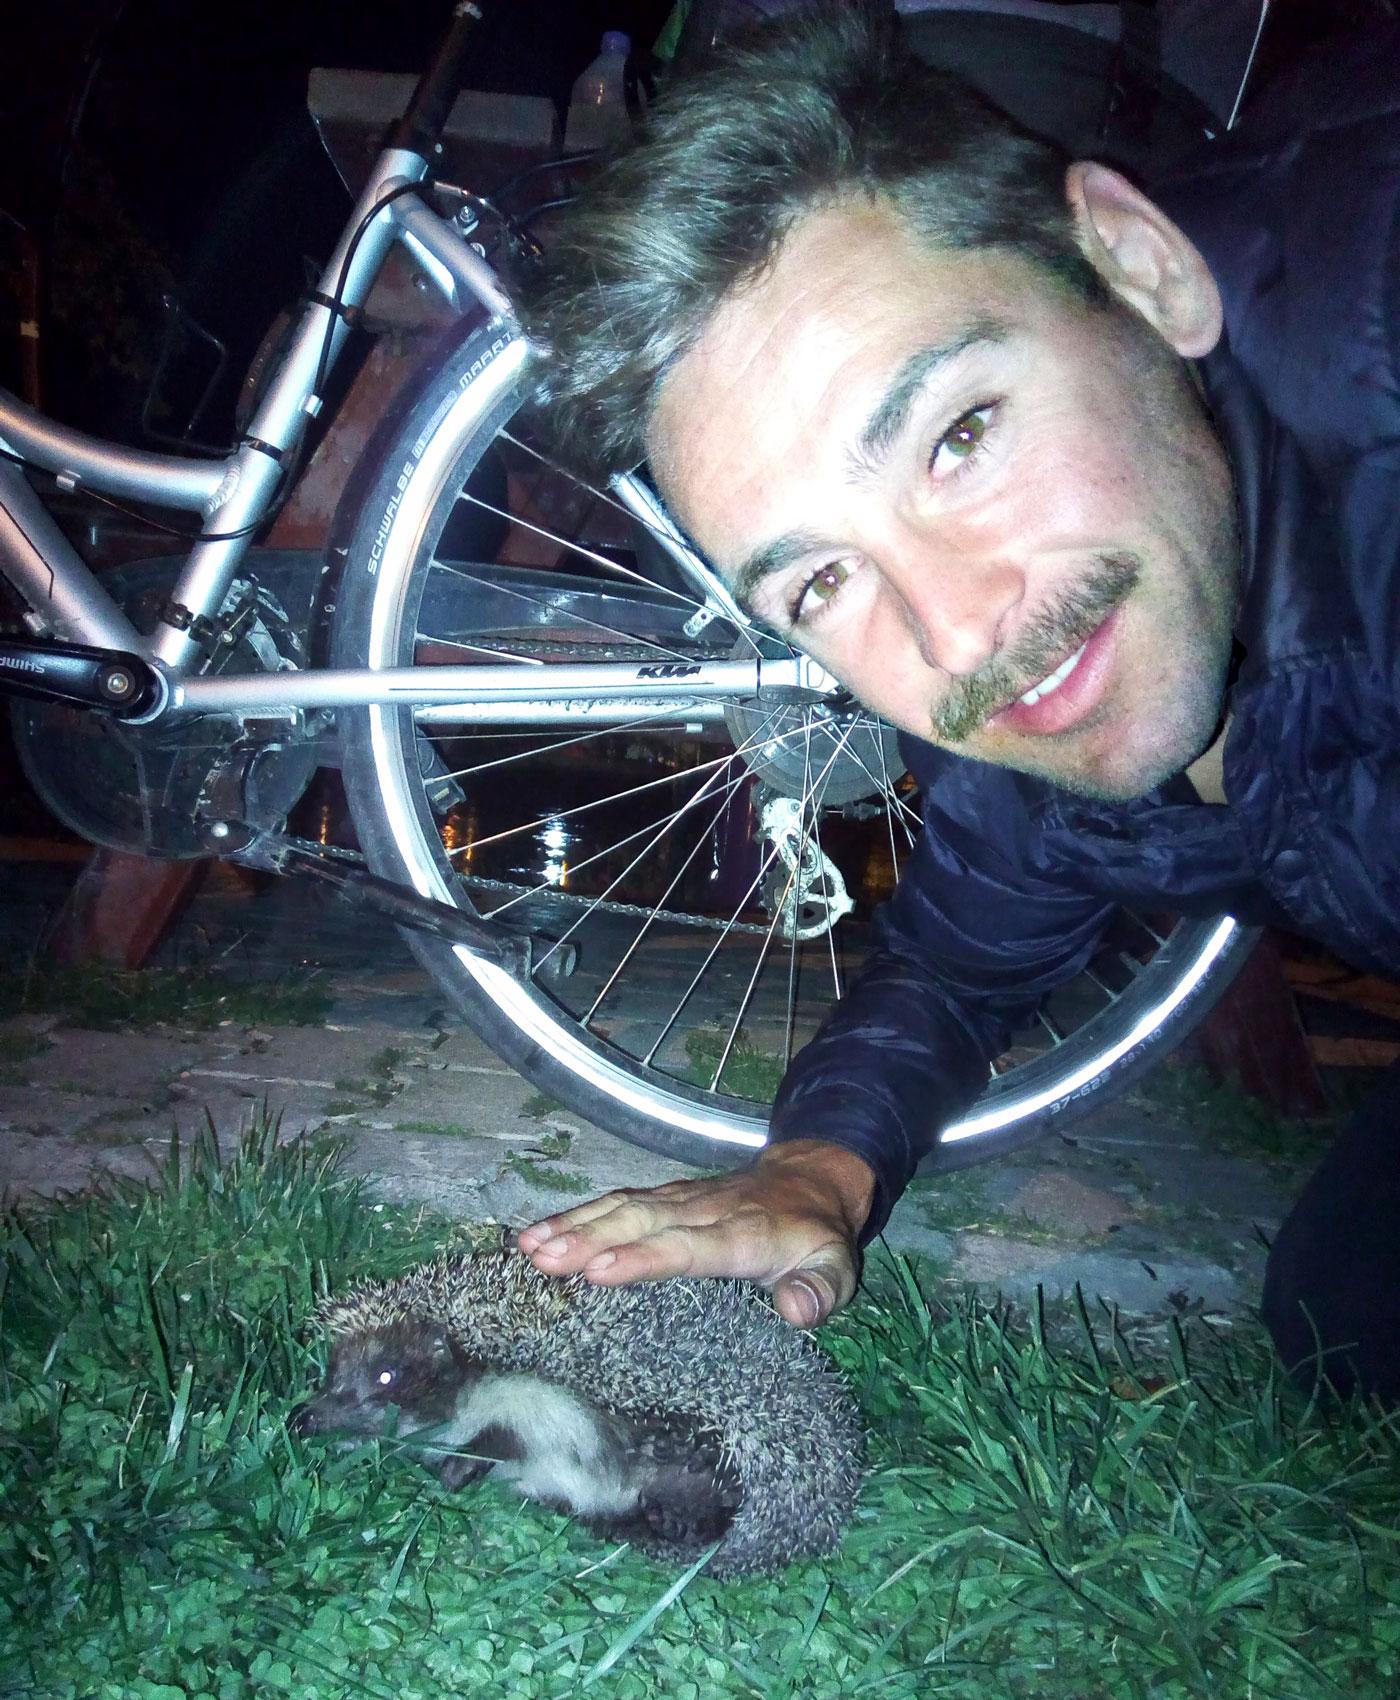 La Turquie à vélo, Arthur a trouvé un hérisson à Avanos. Cycling Turquey, Arthur found a hedgehog in Avanos.